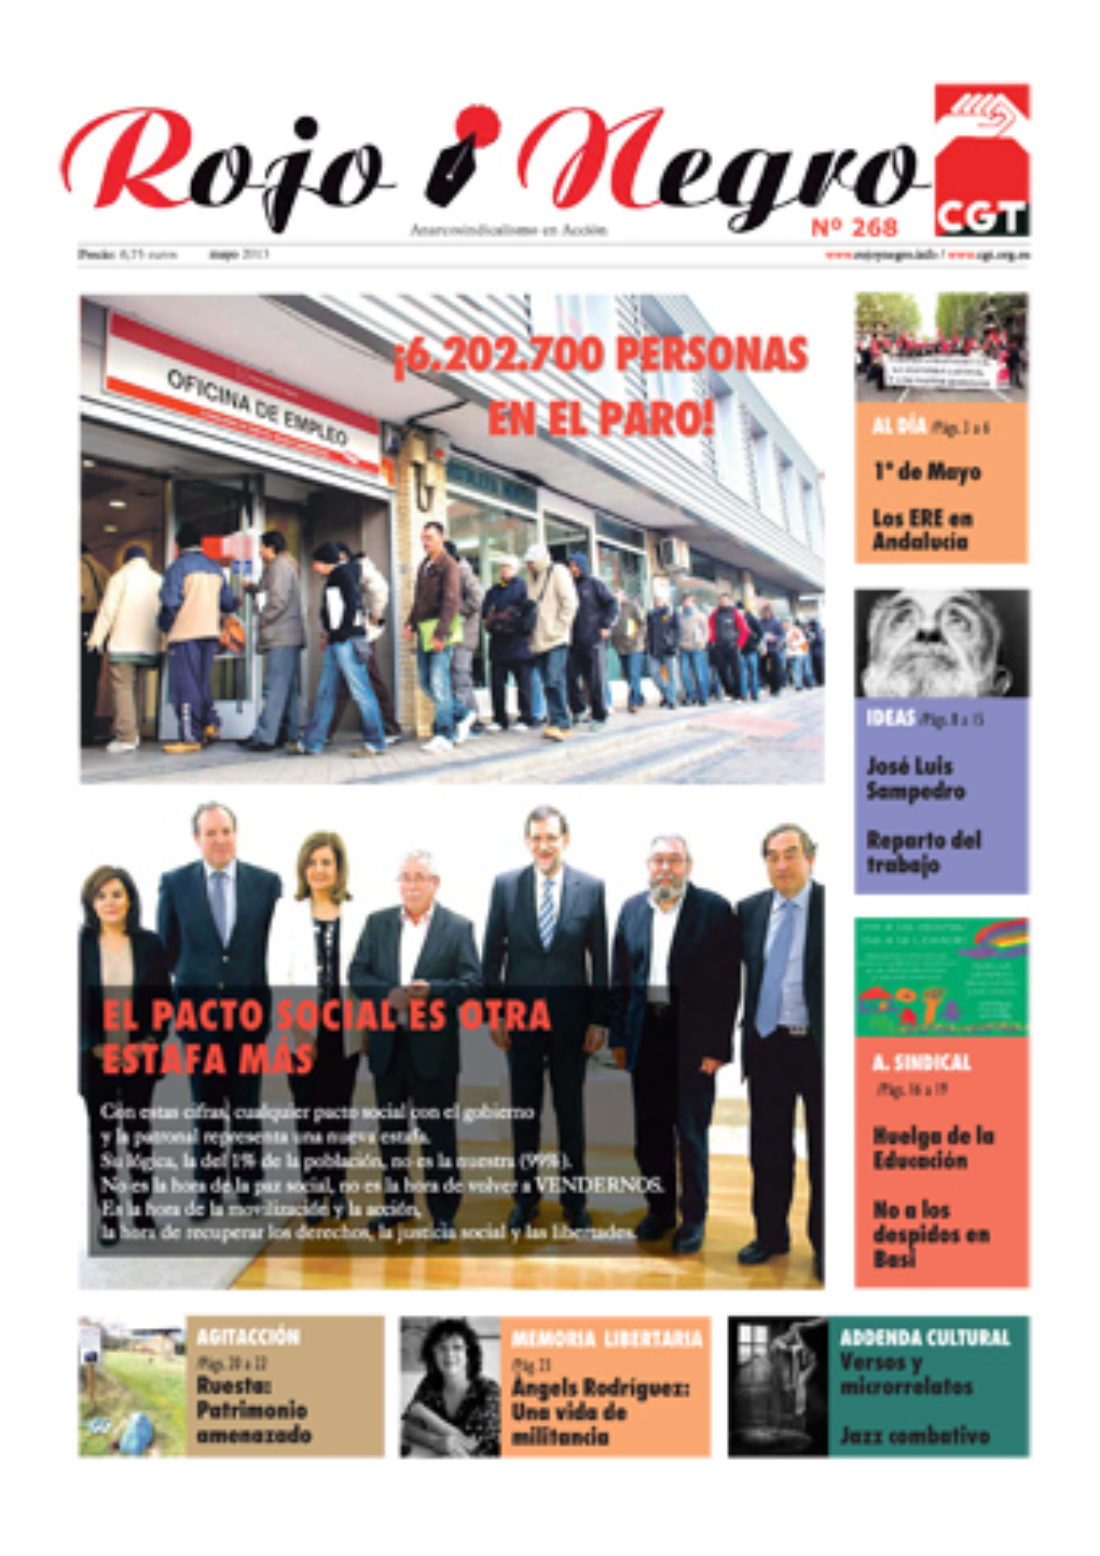 Rojo y Negro 268 Mayo 2013 + Addenda, Suplemento Cultural de RyN